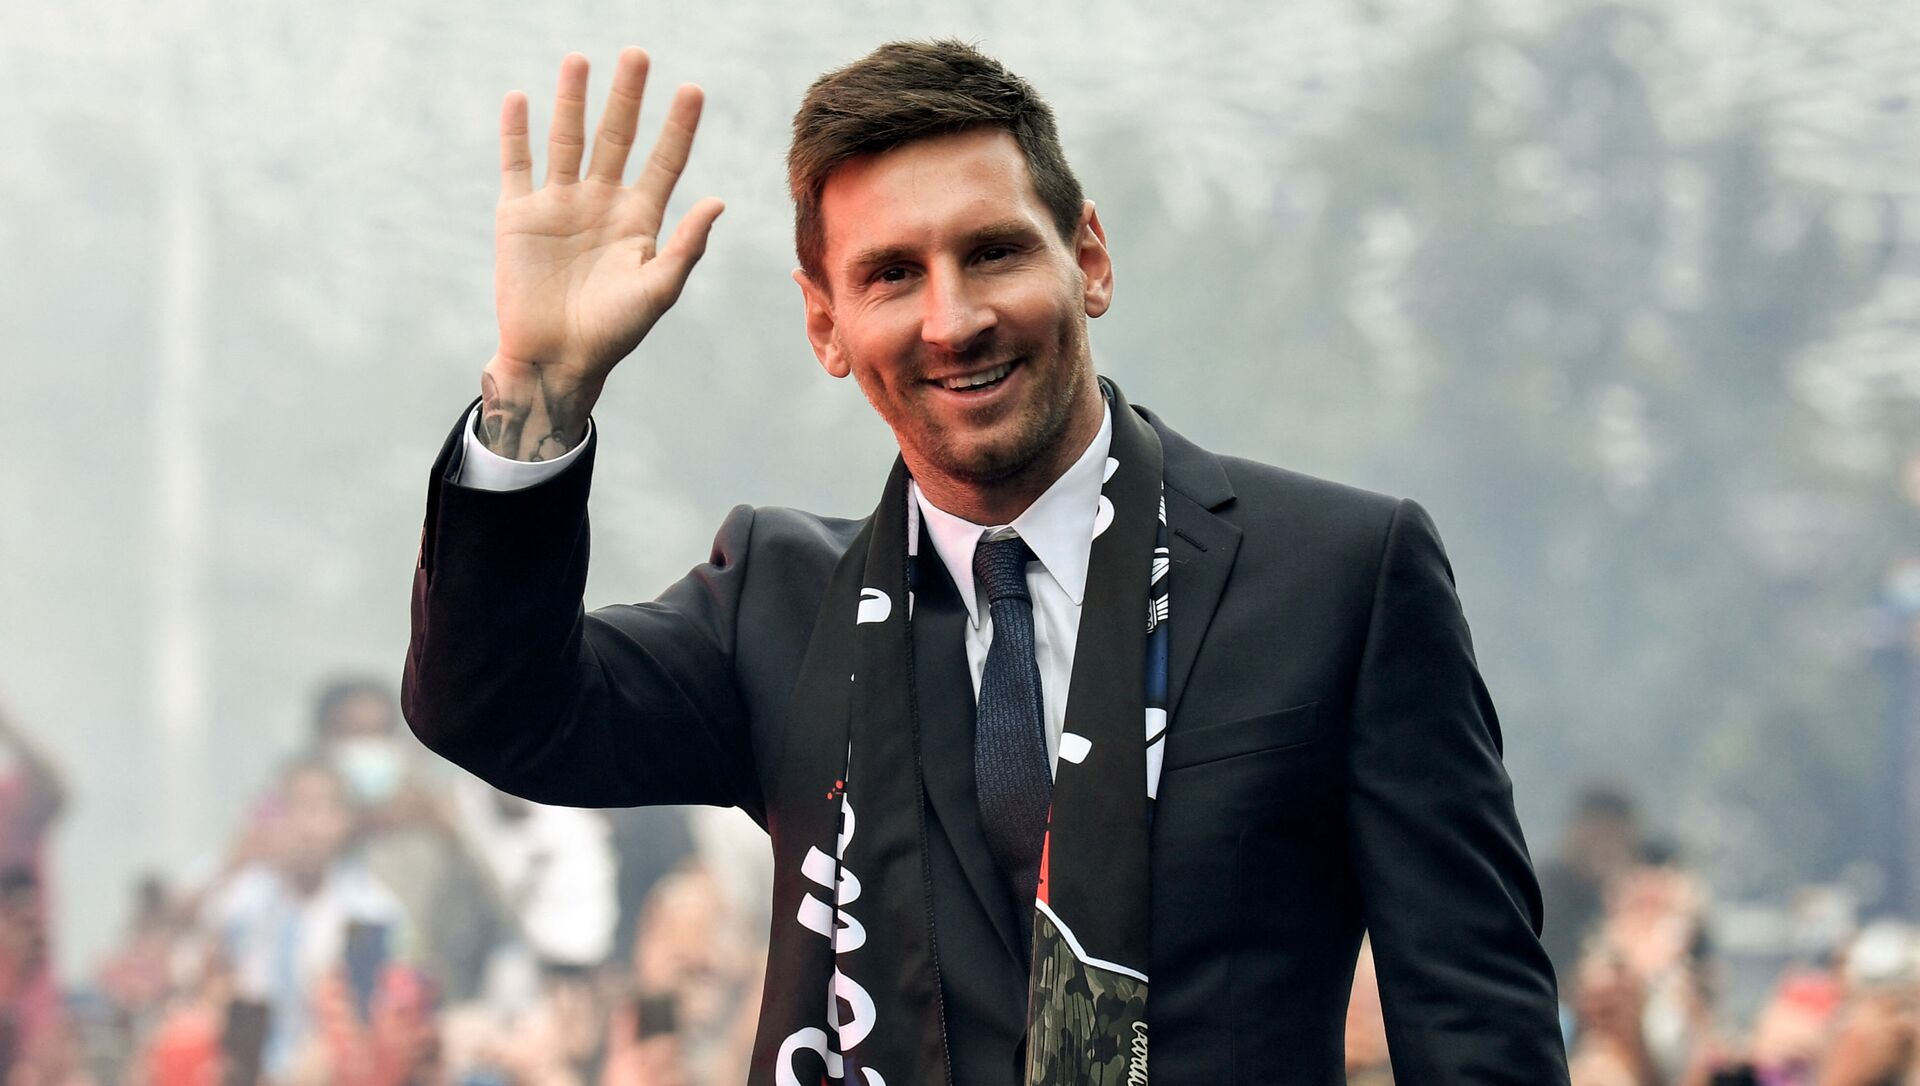 Lionel Messi à Paris, le 11 août - Sputnik France, 1920, 11.08.2021